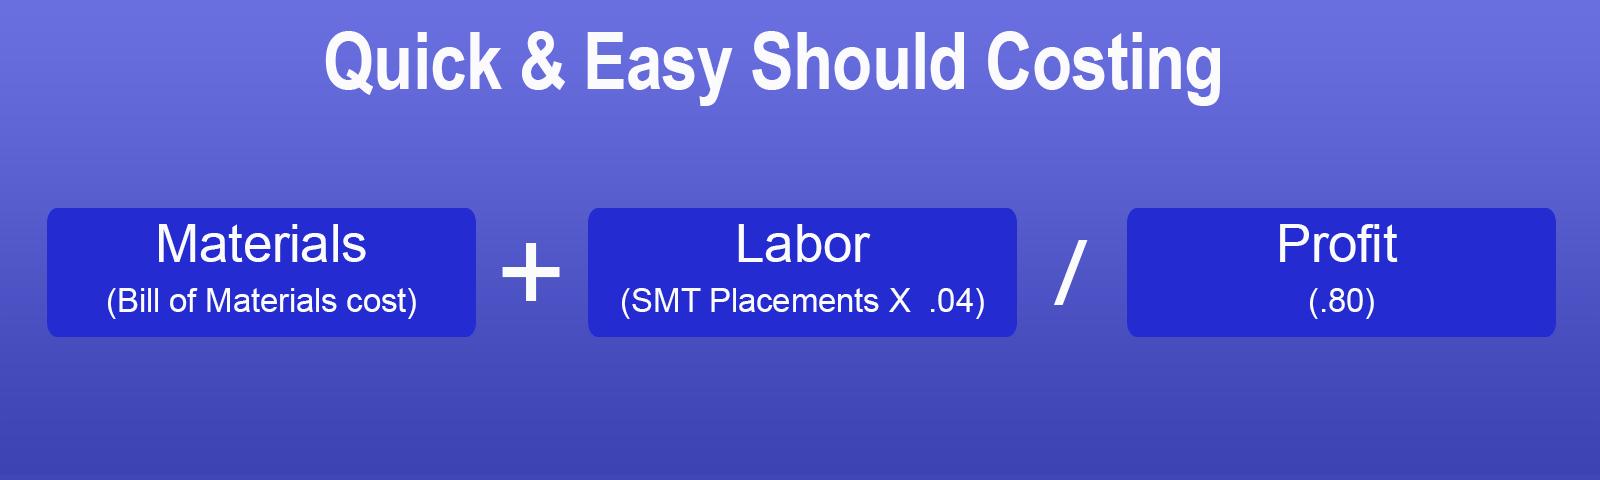 quick-should-cost1